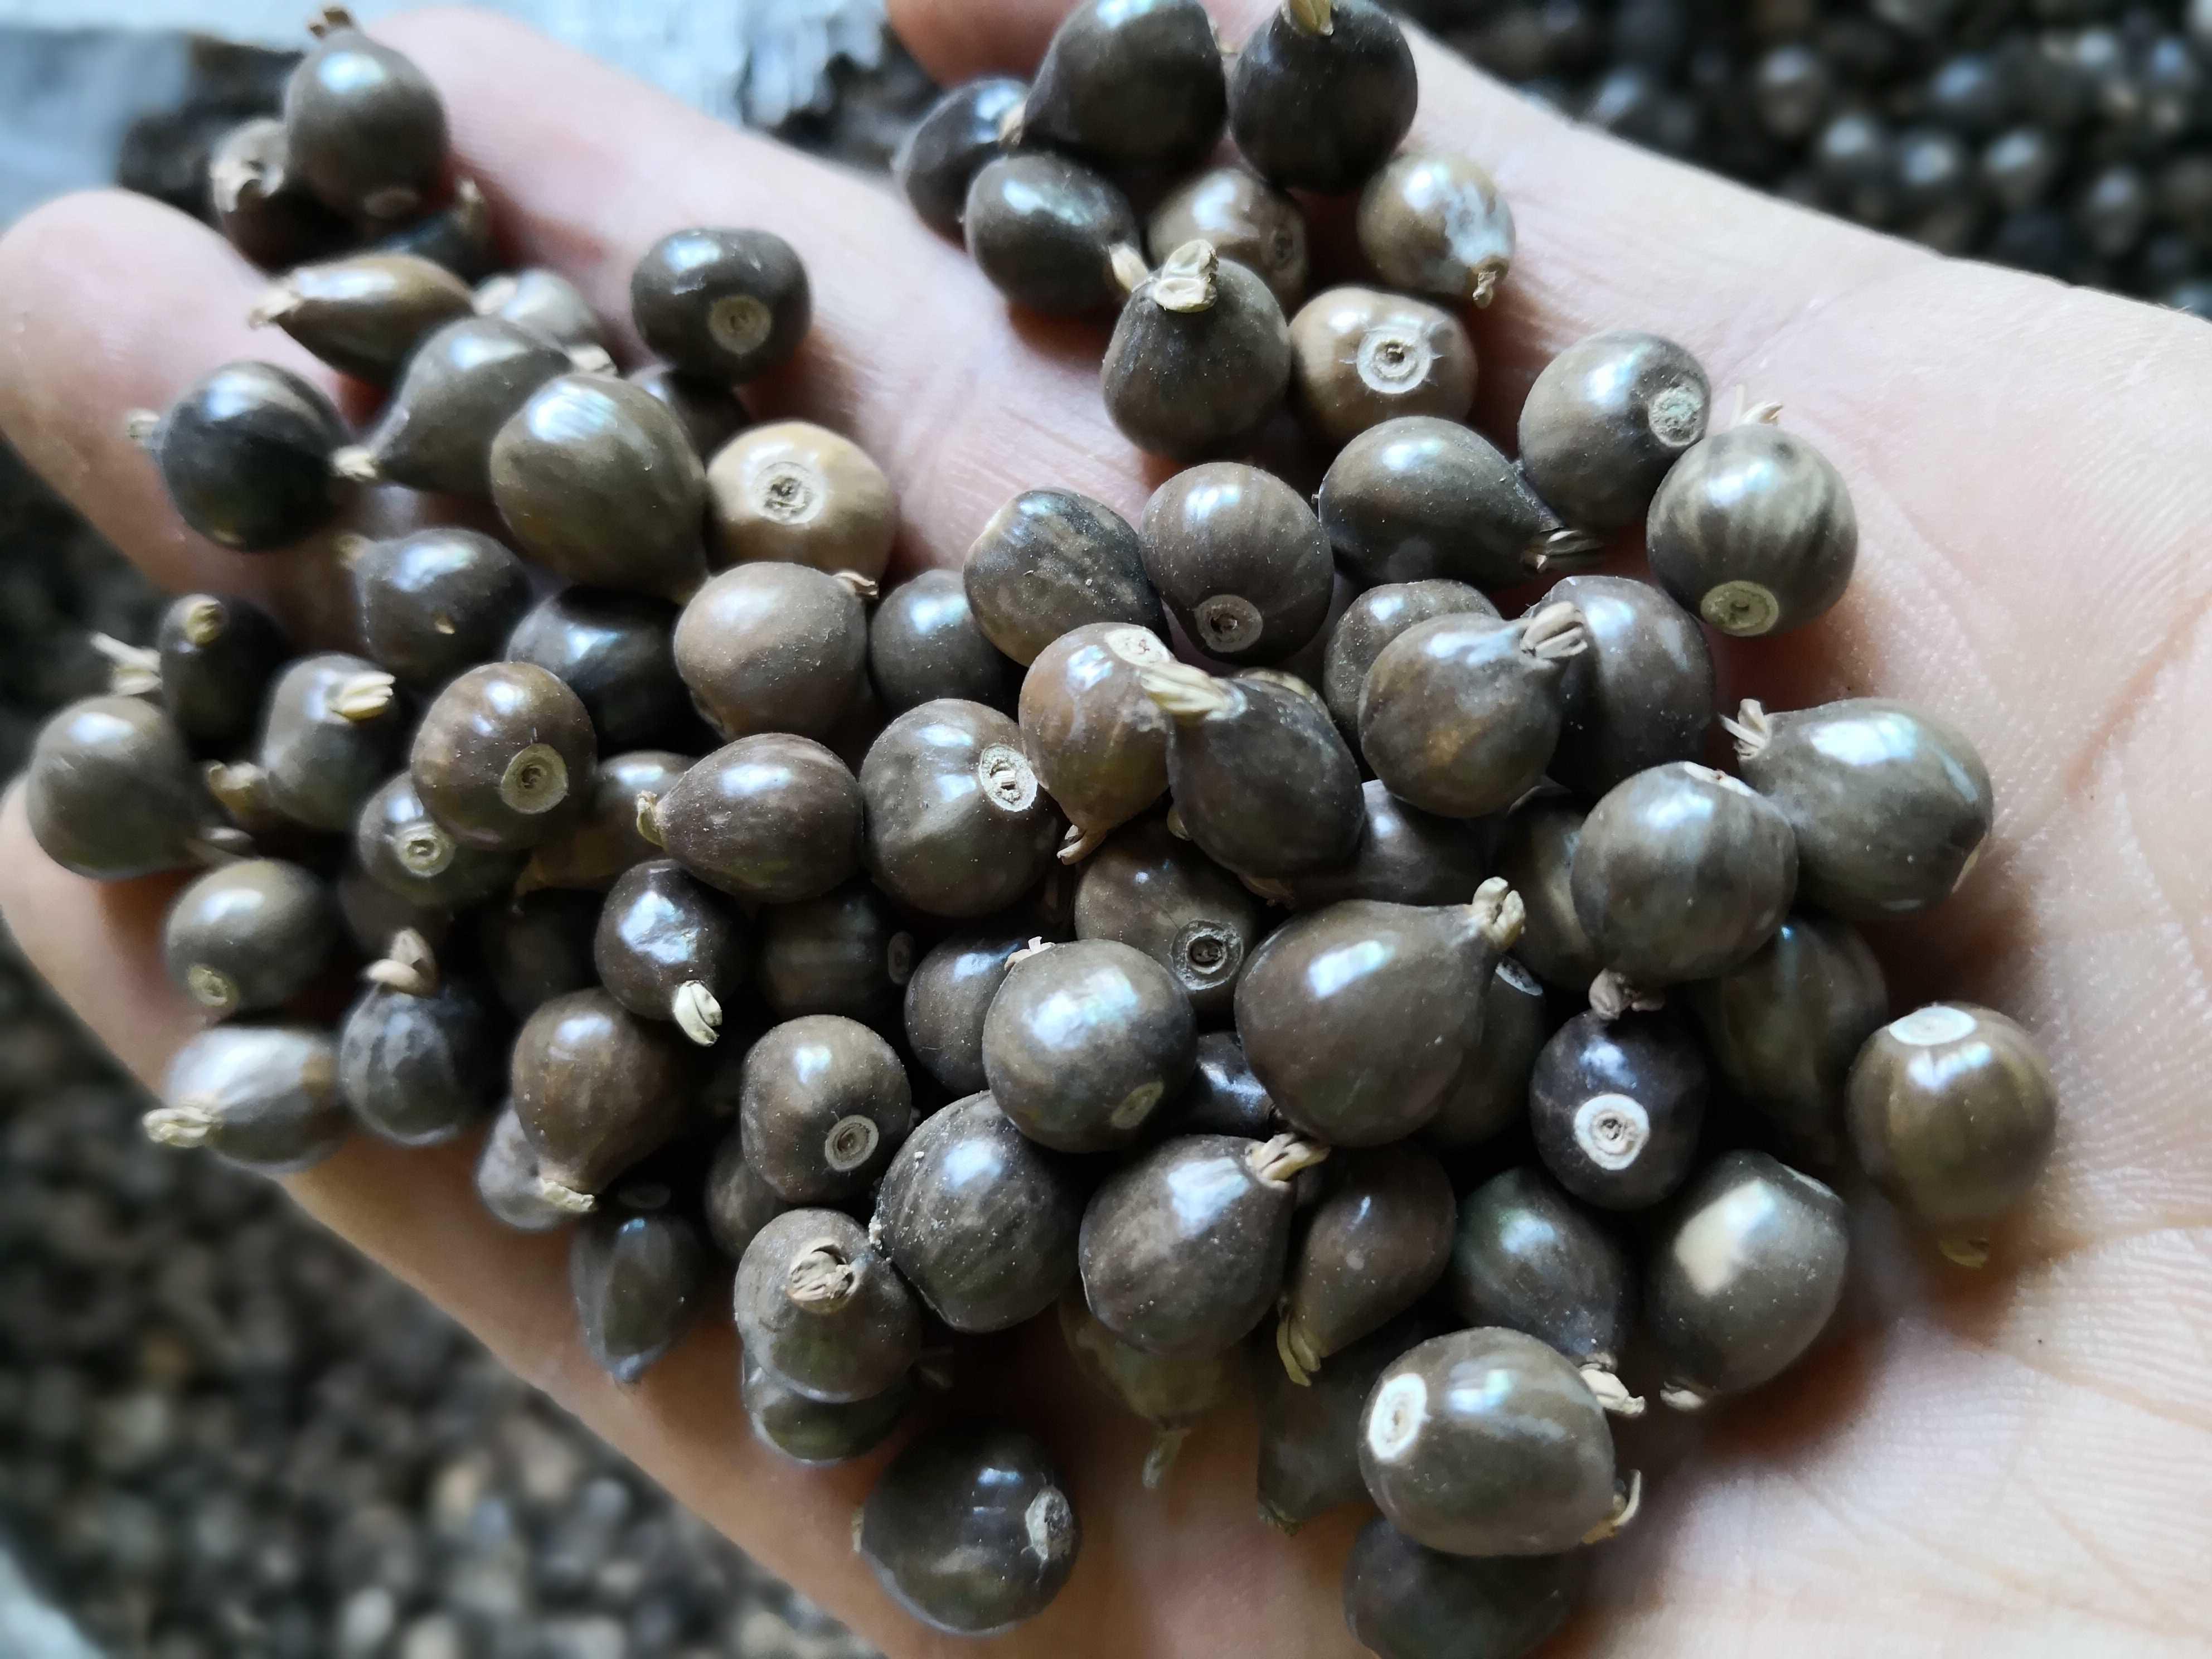 草珠子_灰黑色草菩提种子 文玩草珠子种子 尿珠子 野生薏仁种